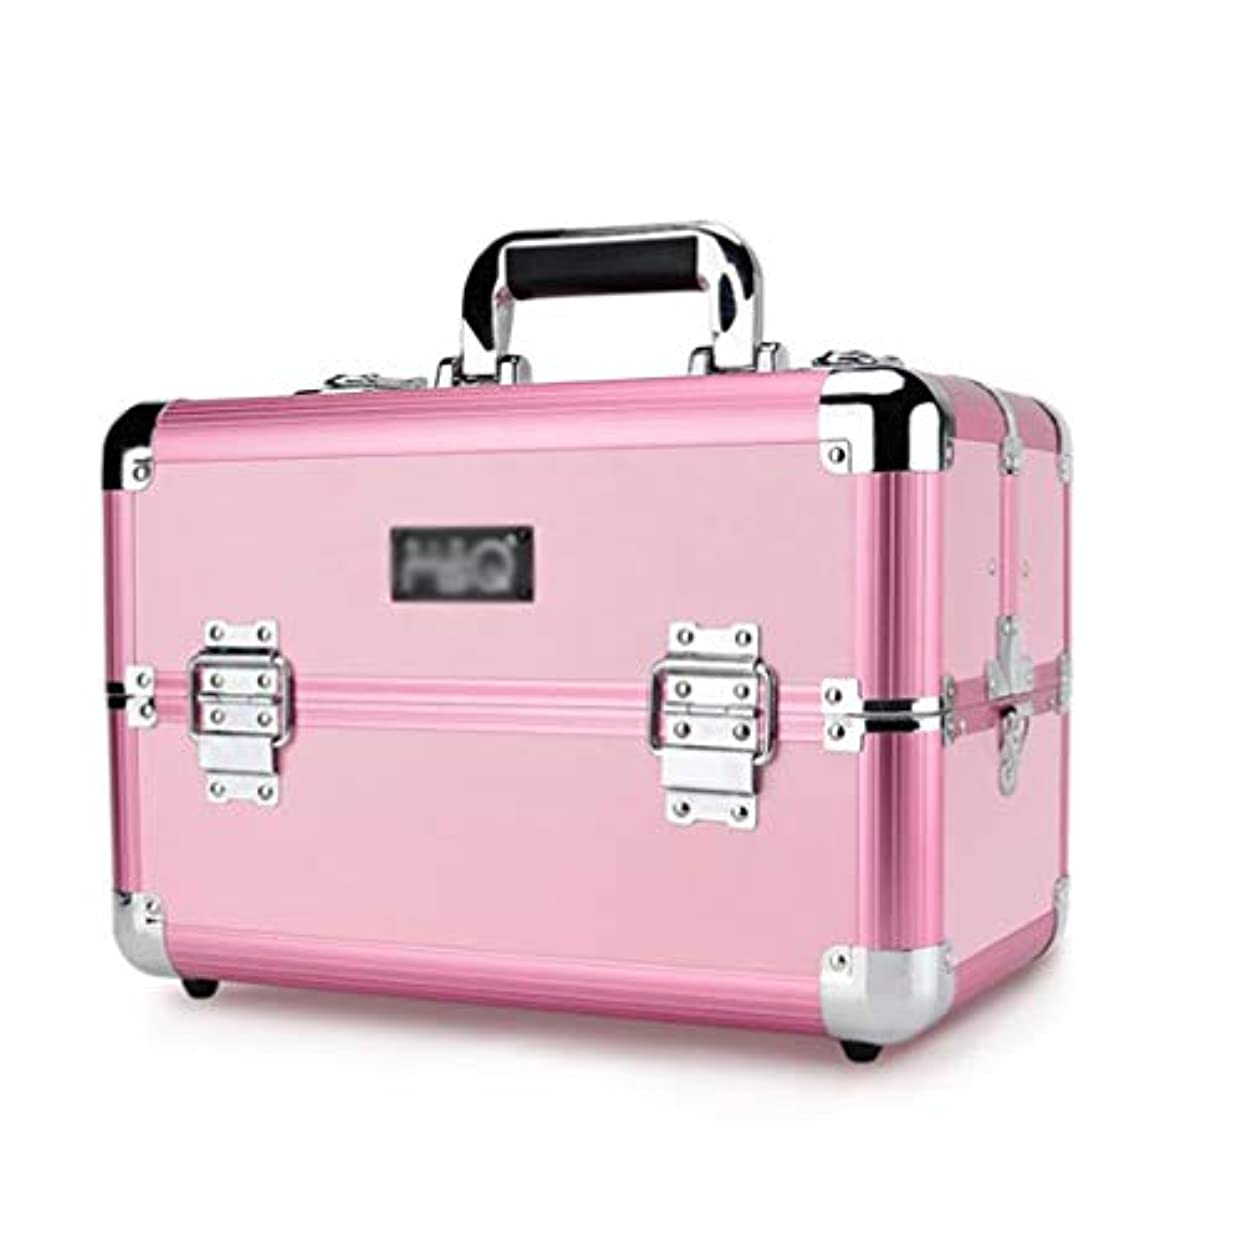 レディ部門災難BUMC プロのアルミ化粧品ケースメイクアップトロリー列車テーブル虚栄心のための美容師特大旅行ジュエリーボックスオーガナイザー,Pink